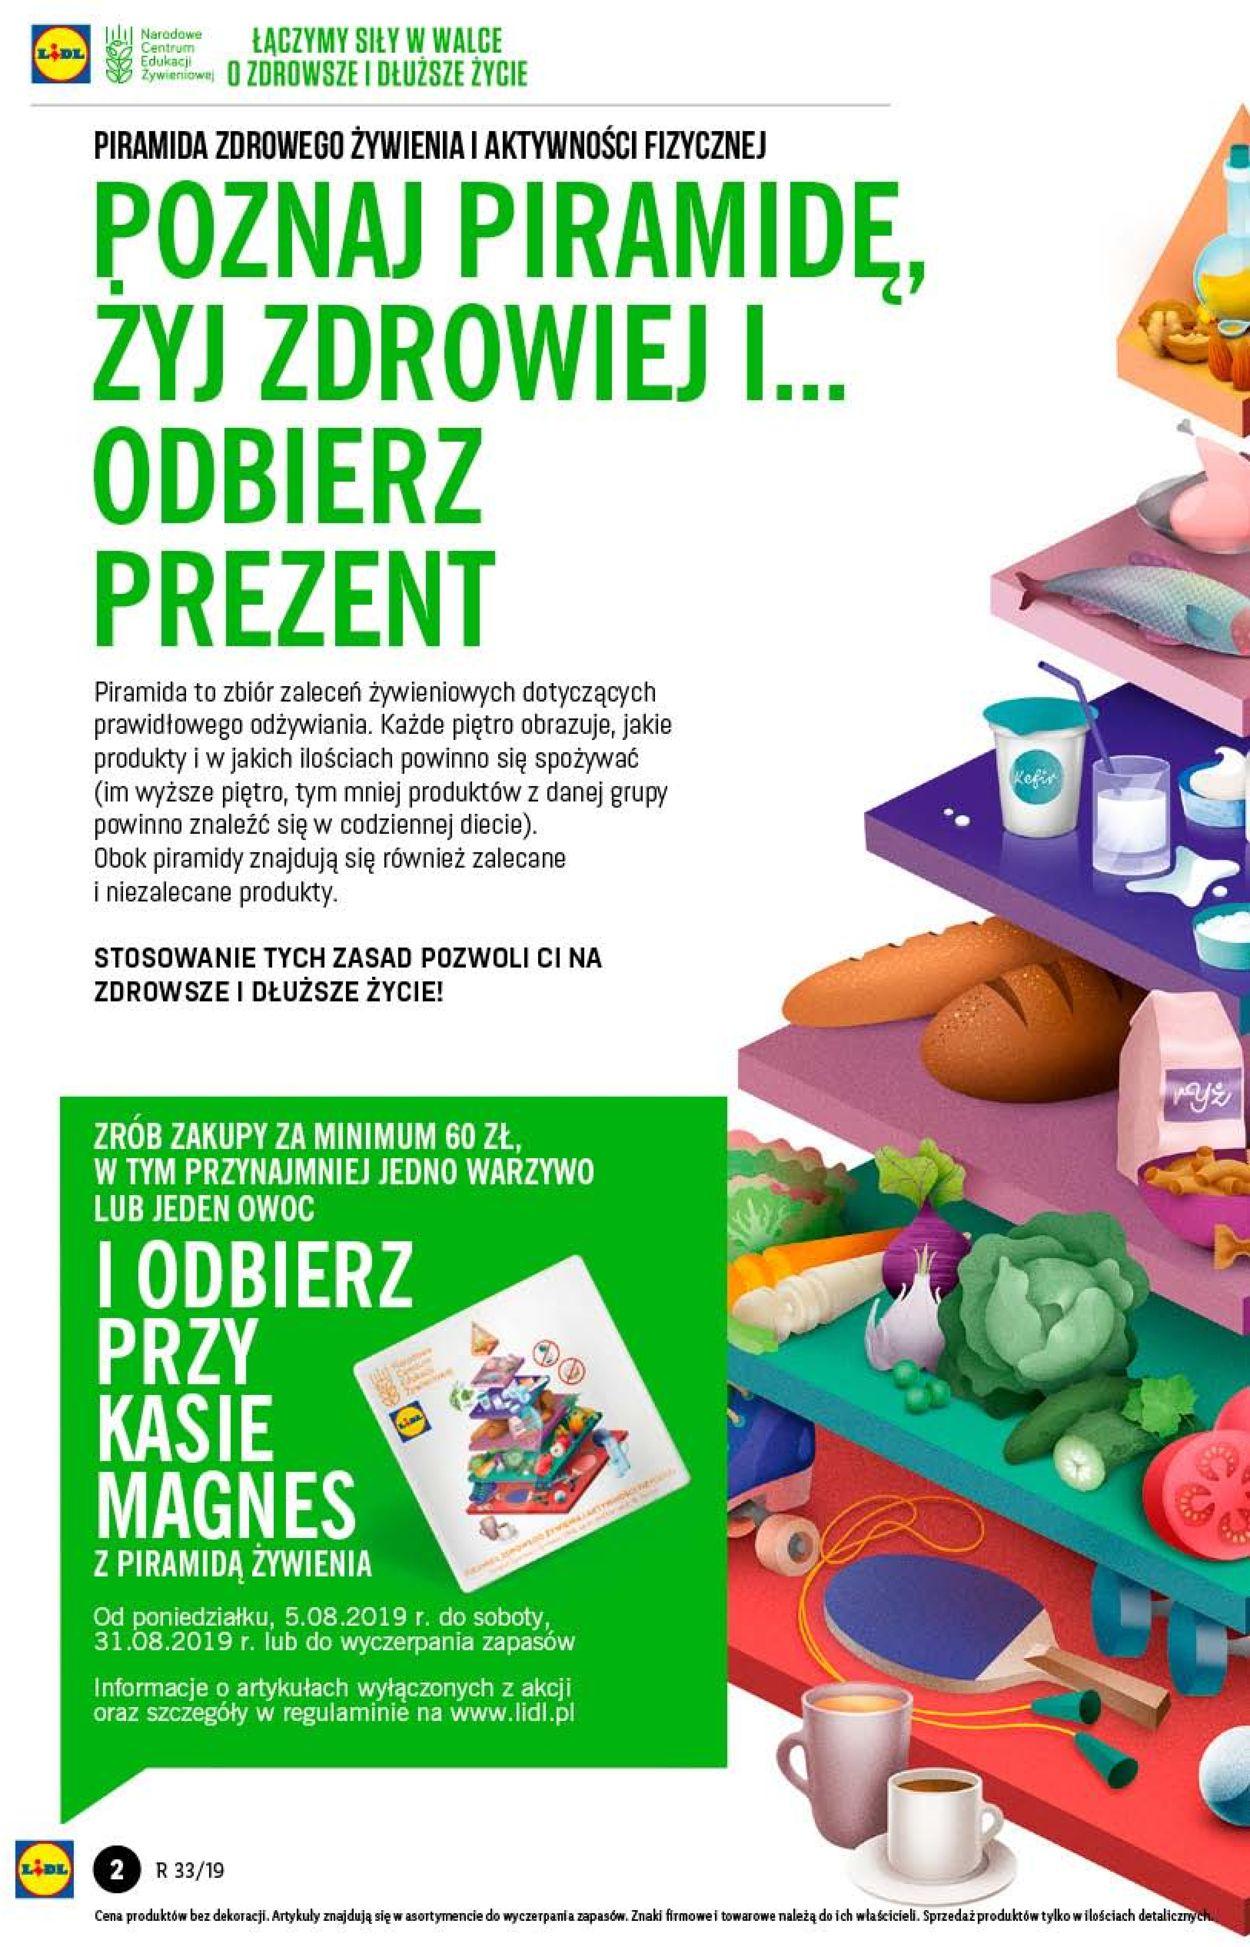 Gazetka promocyjna LIDL - 12.08-14.08.2019 (Strona 2)